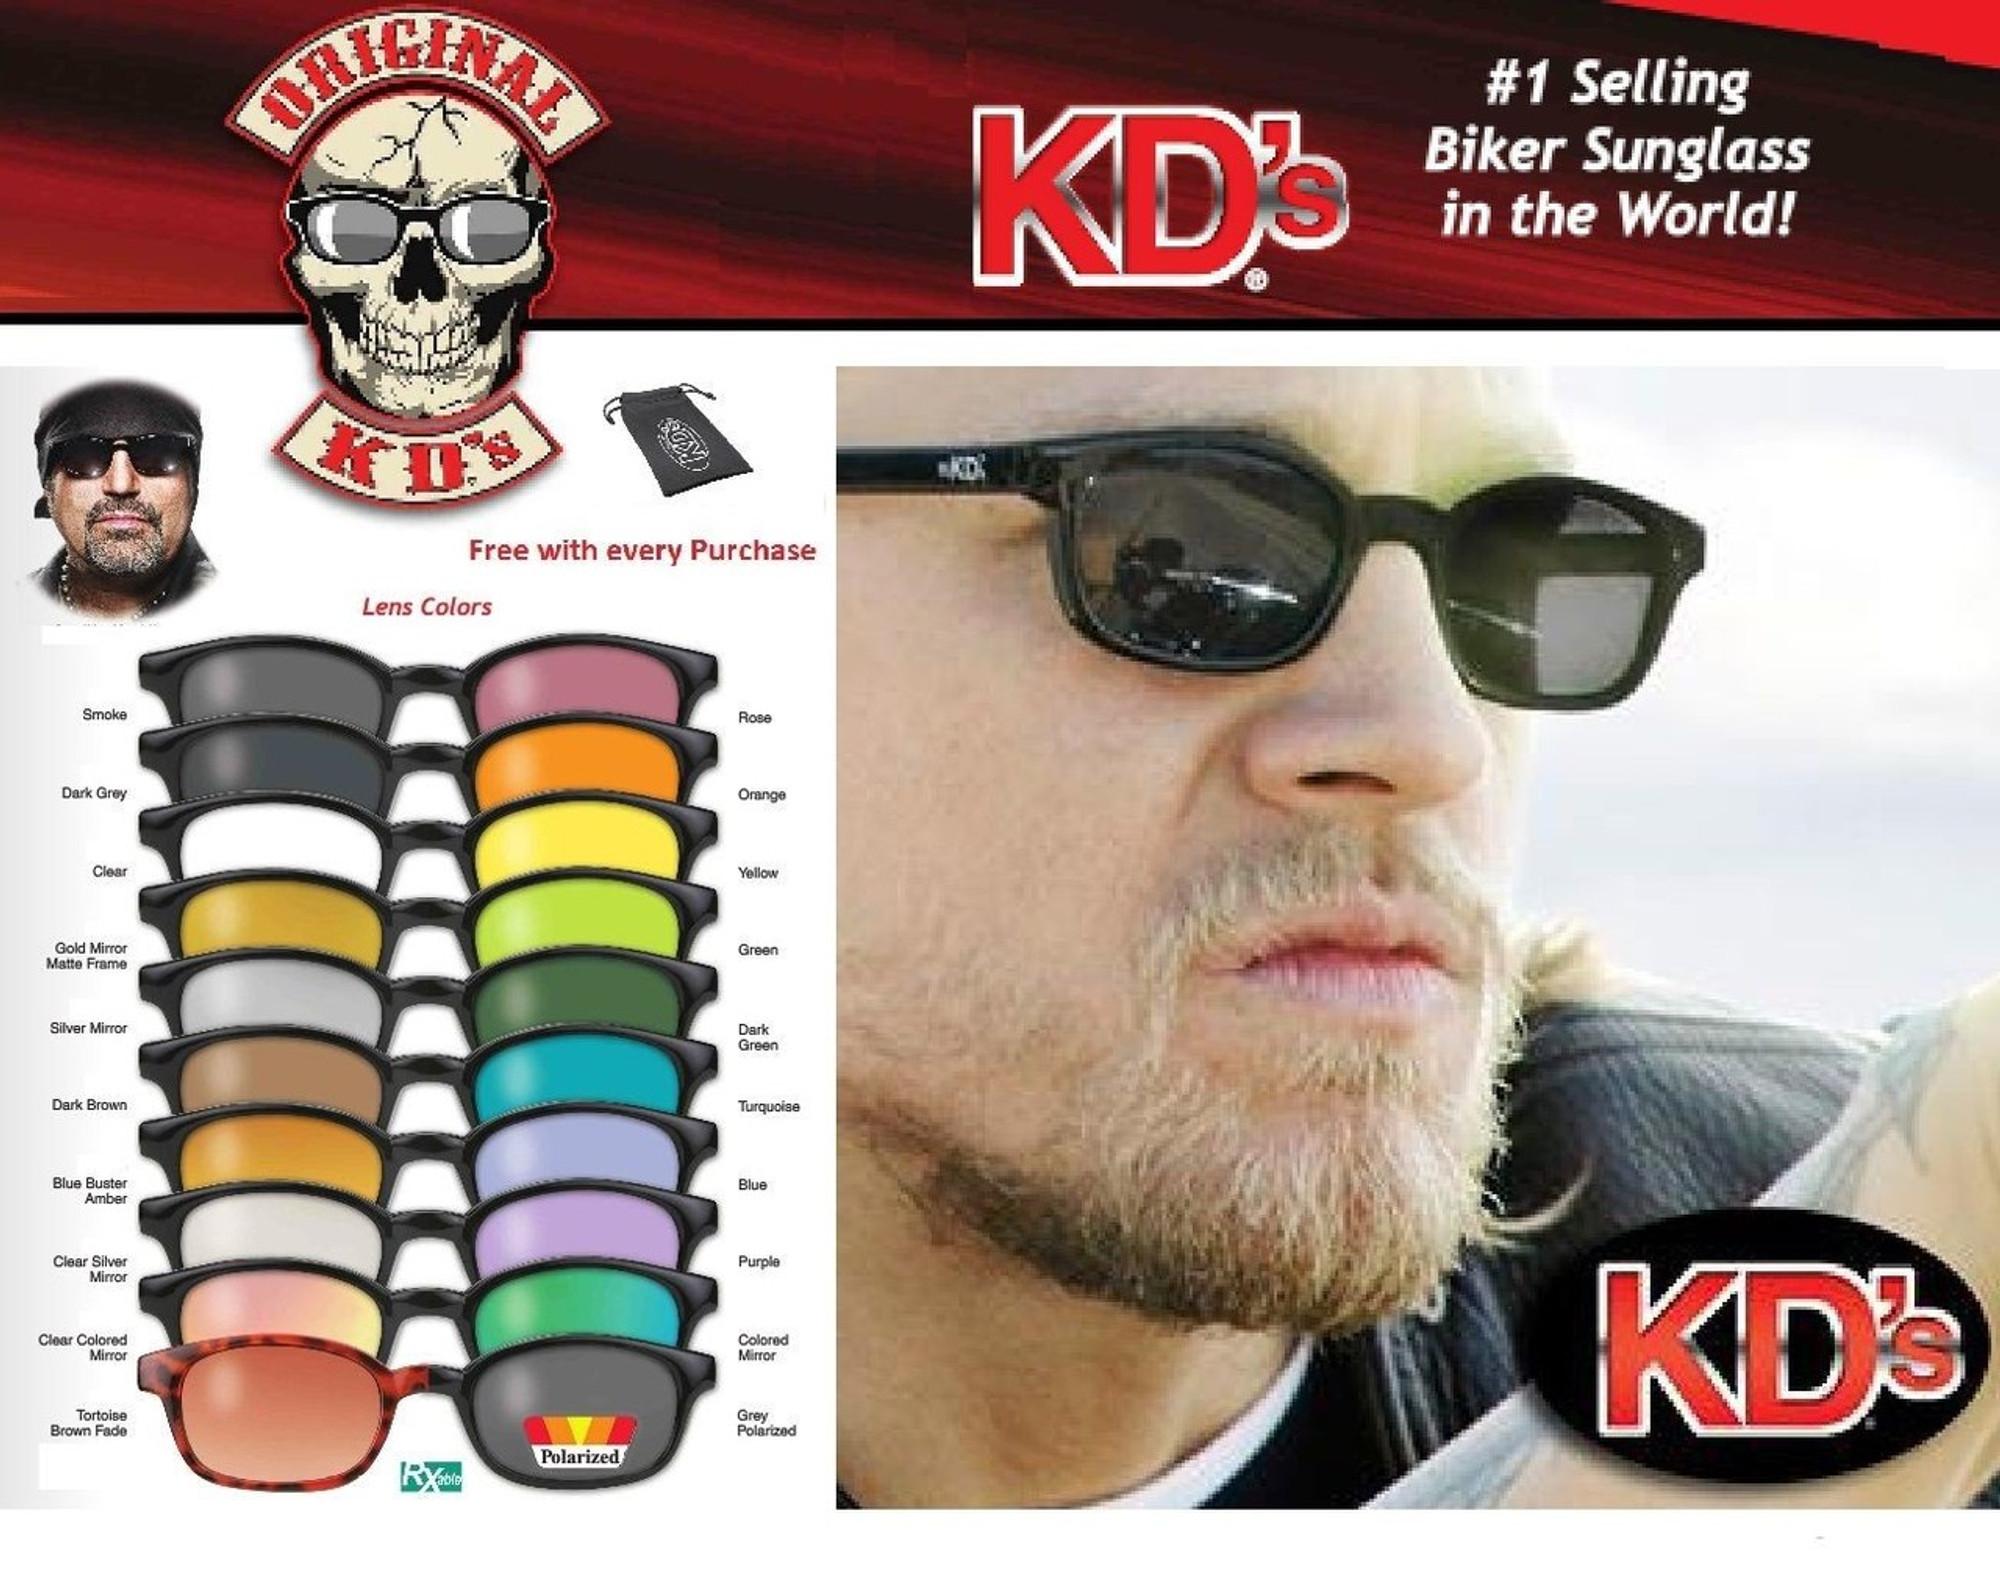 5d81e1e5c9e KD s Original Biker Riding Glasses Sunglasses - SUNSET LEATHER